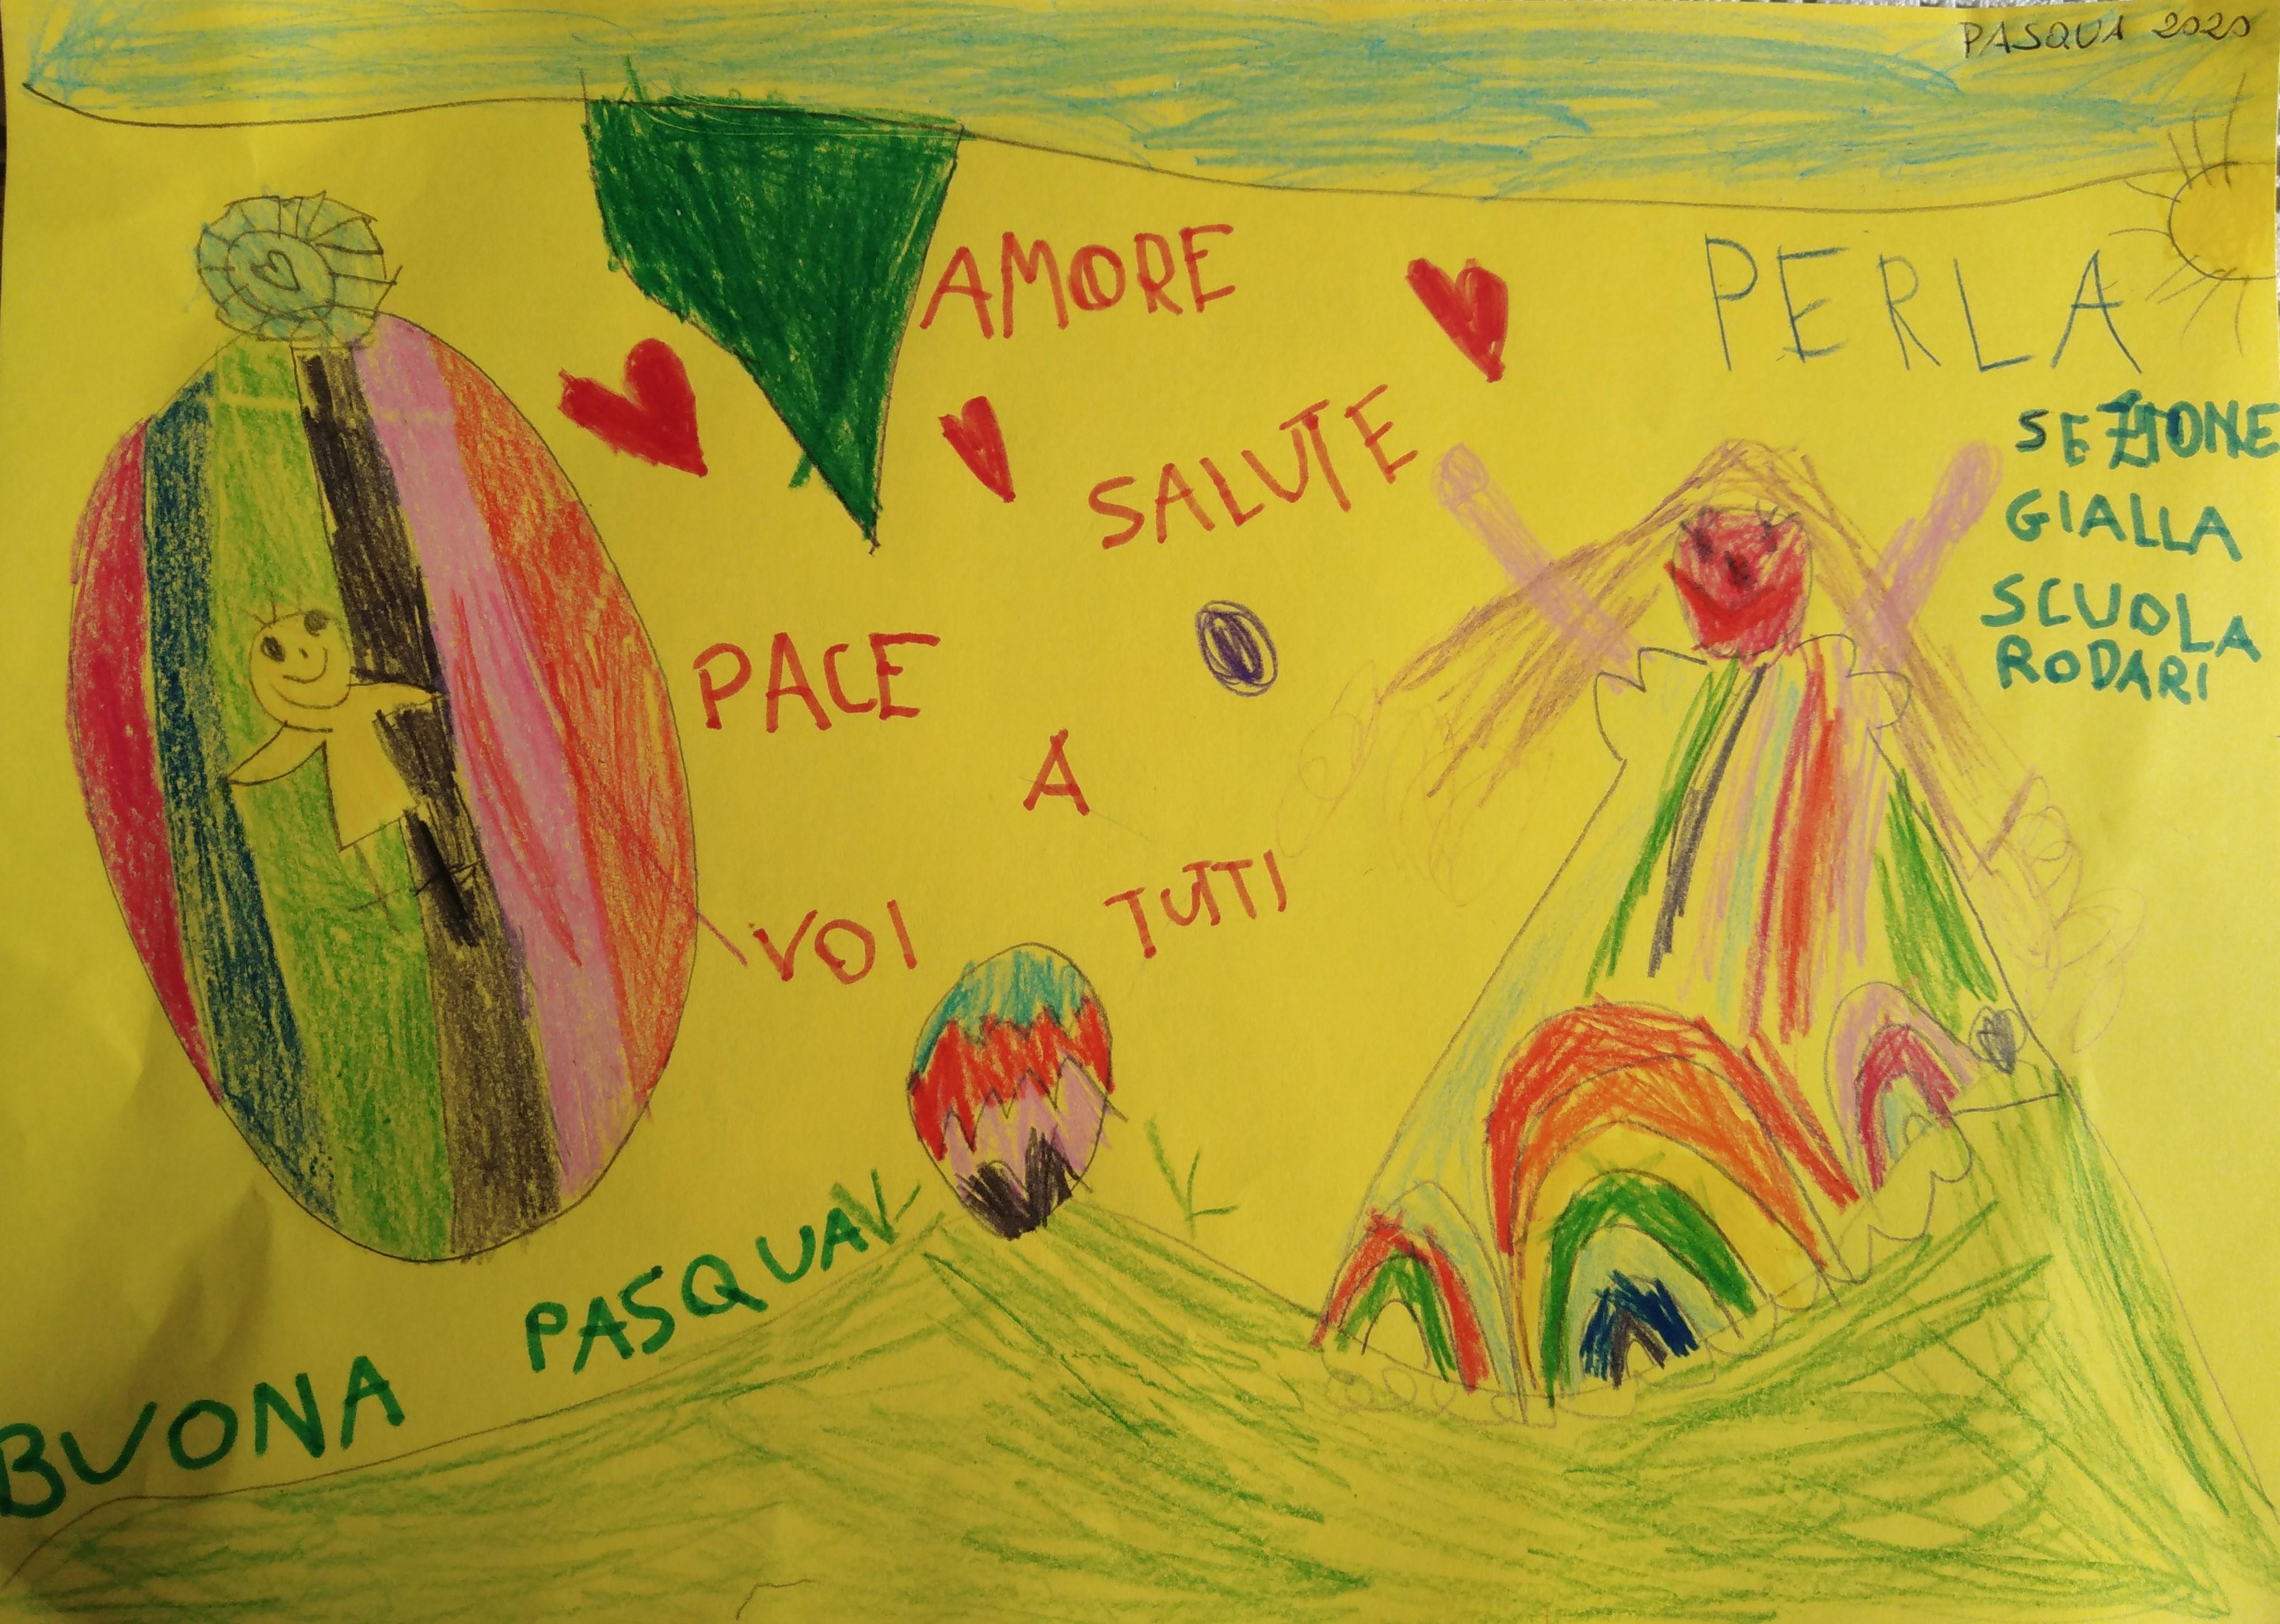 da-PERLA-sezione-gialla-scuola-infanzia-Rodari